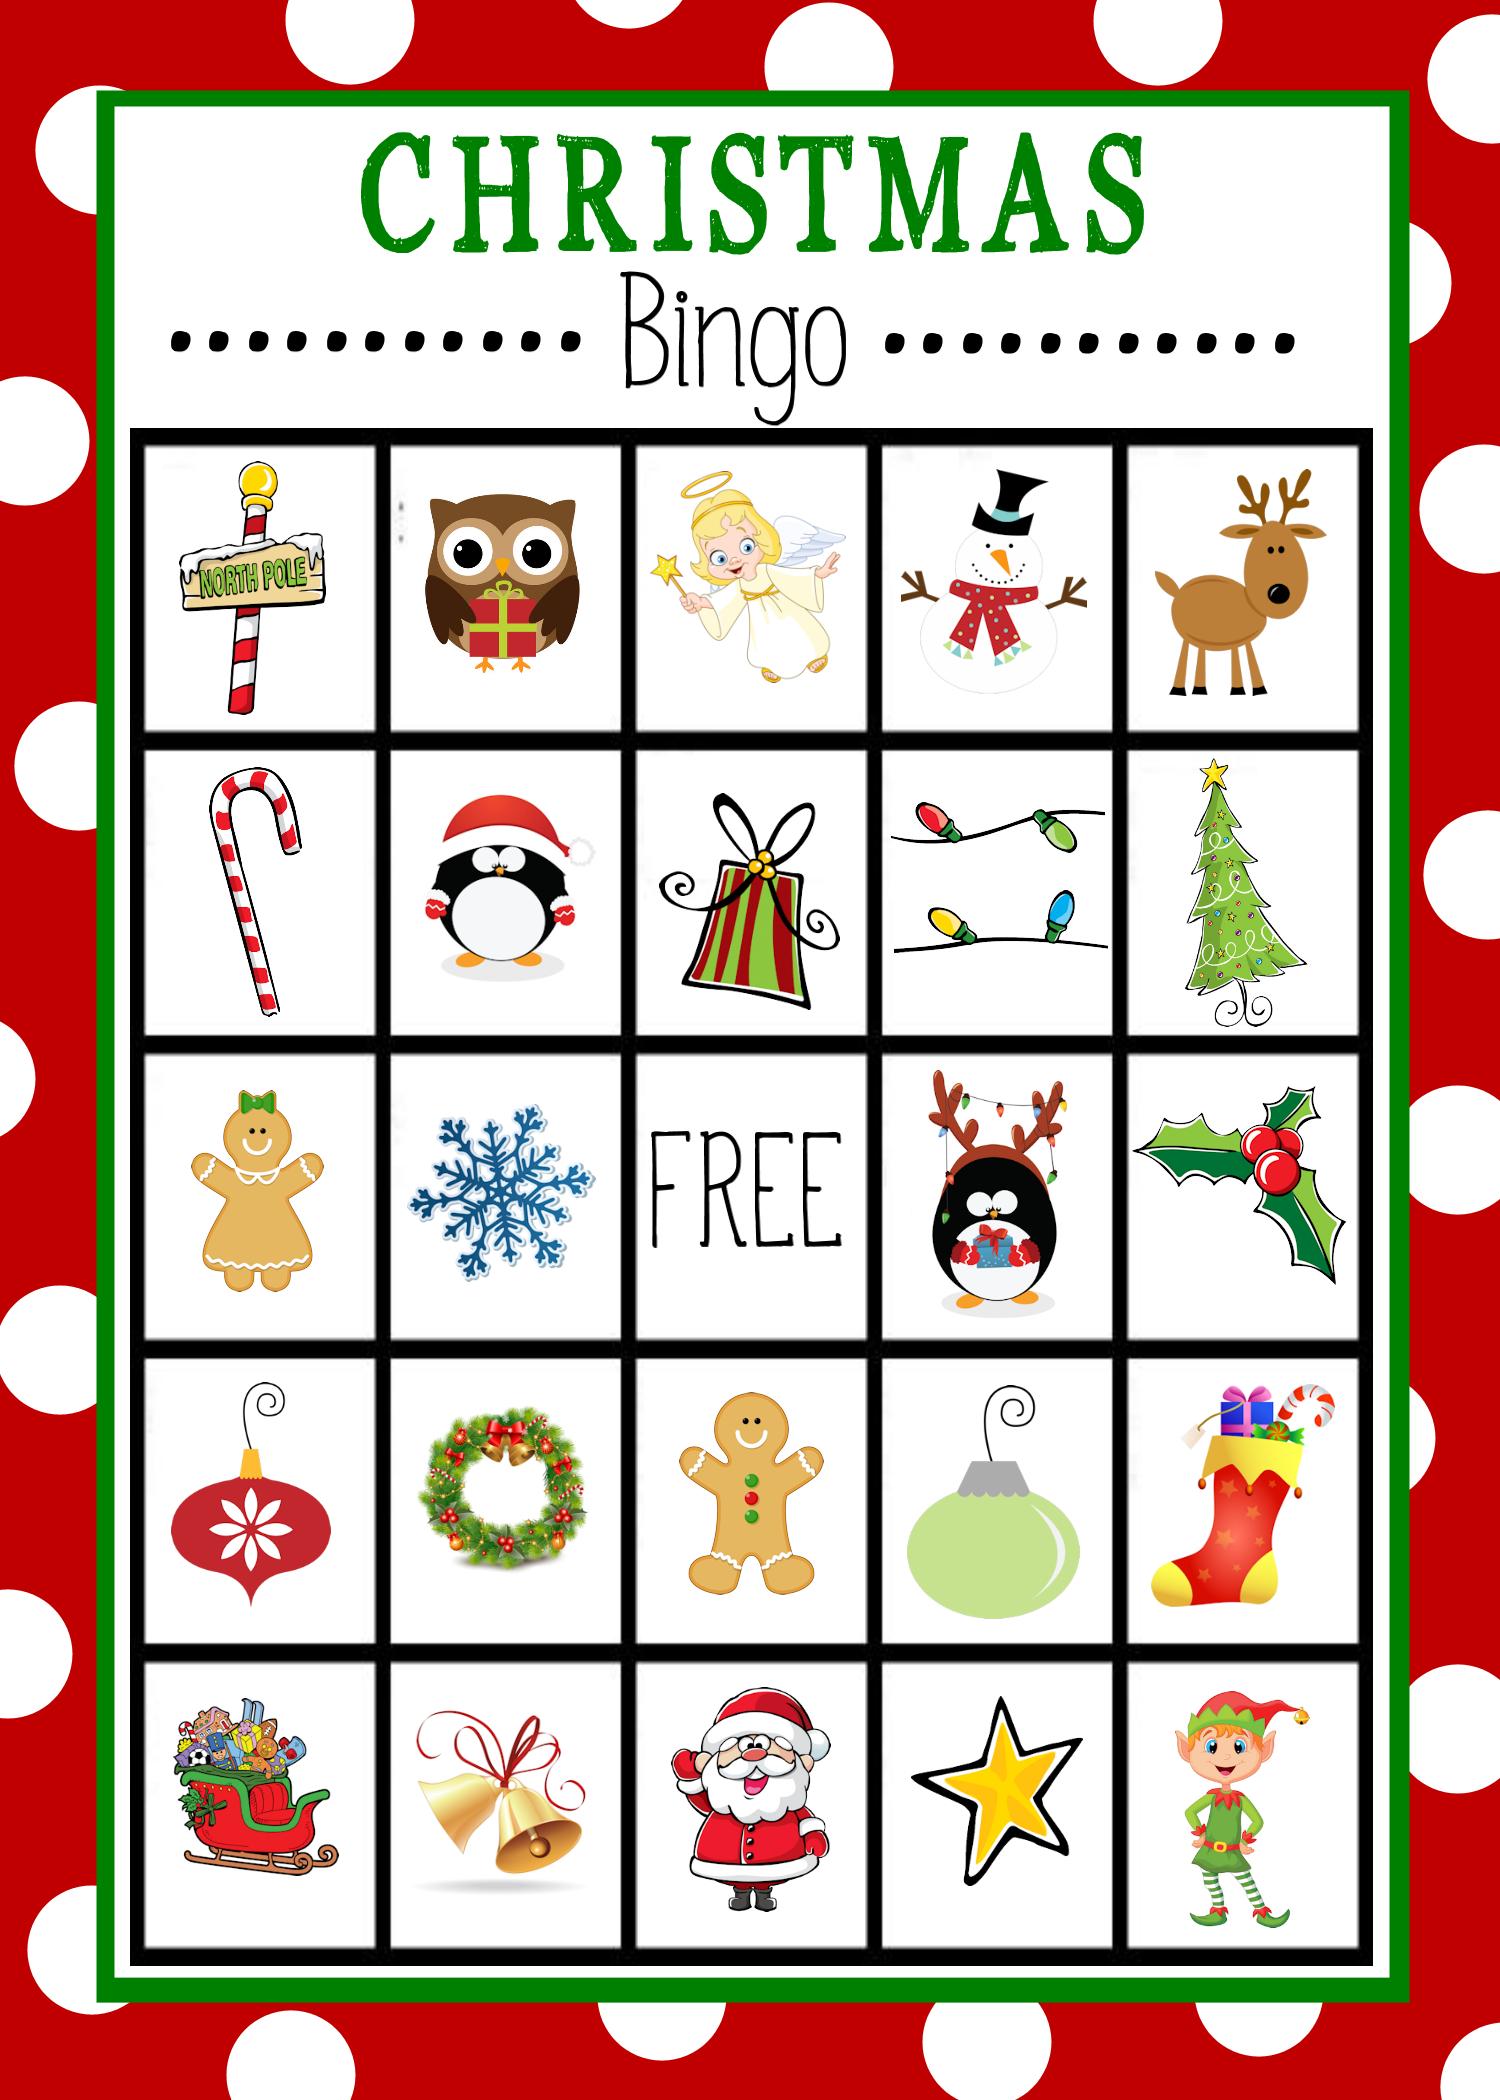 Free Printable Christmas Bingo Game | Christmas | Pinterest - Christmas Bingo Game Printable Free